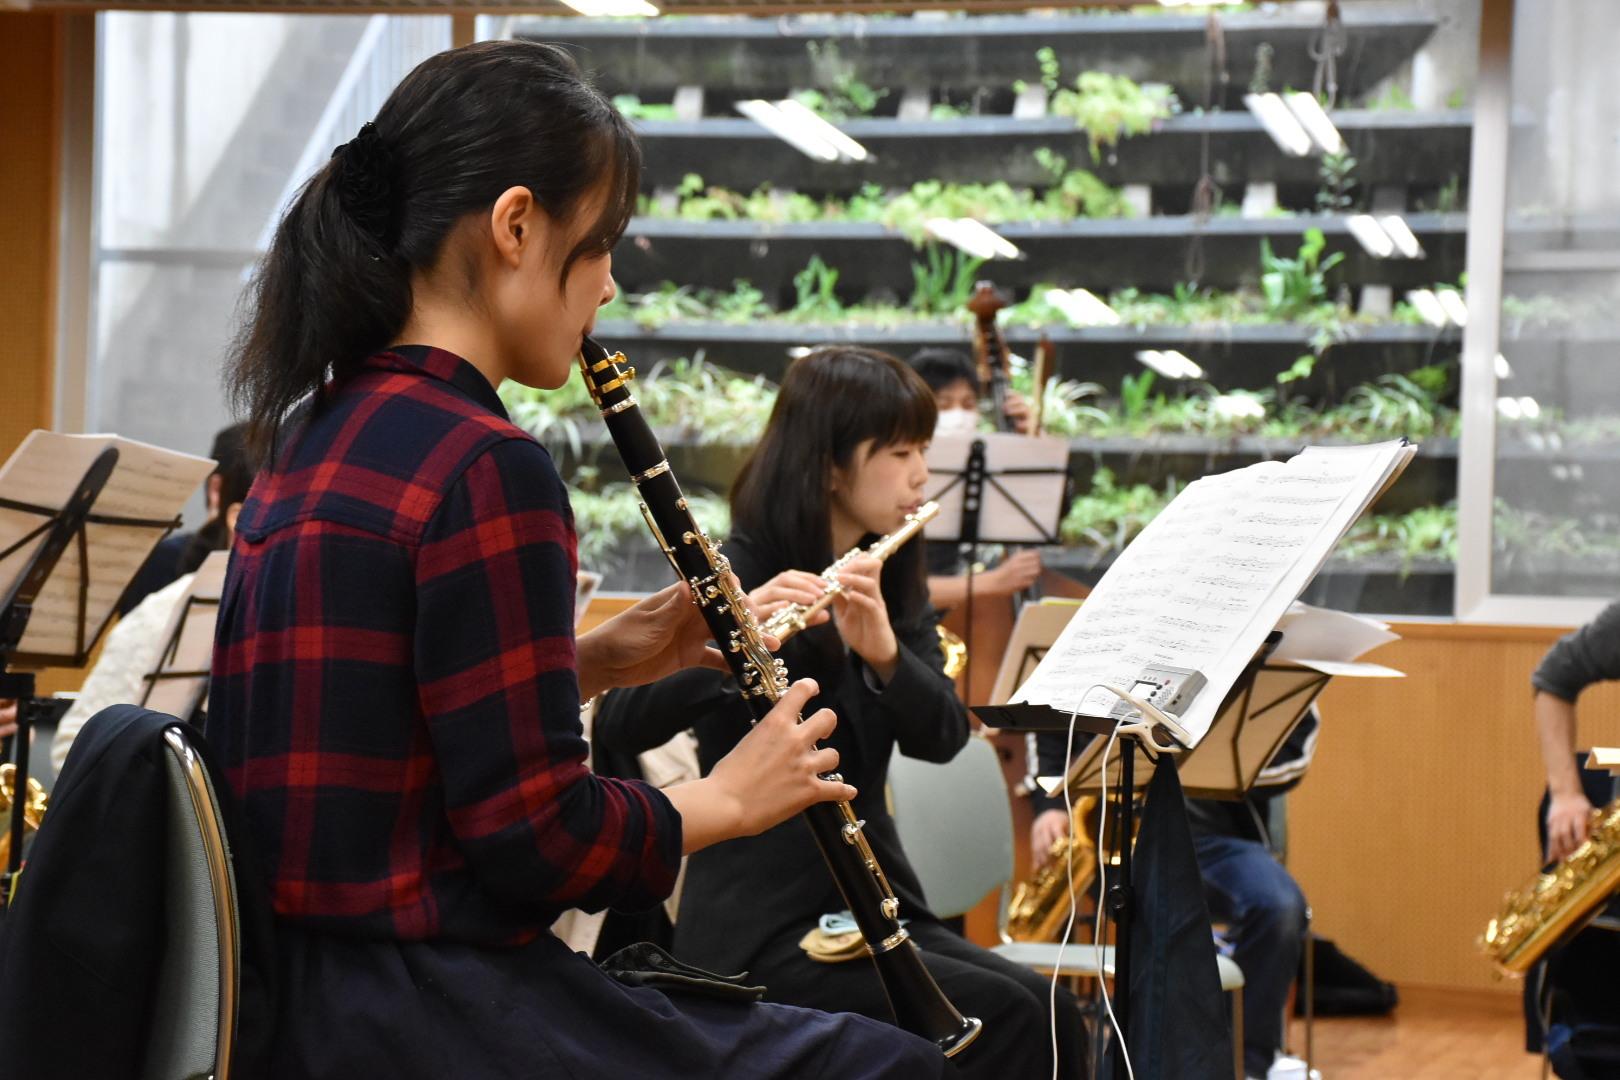 横浜市の一般吹奏楽 イングリッシュホルン募集中!